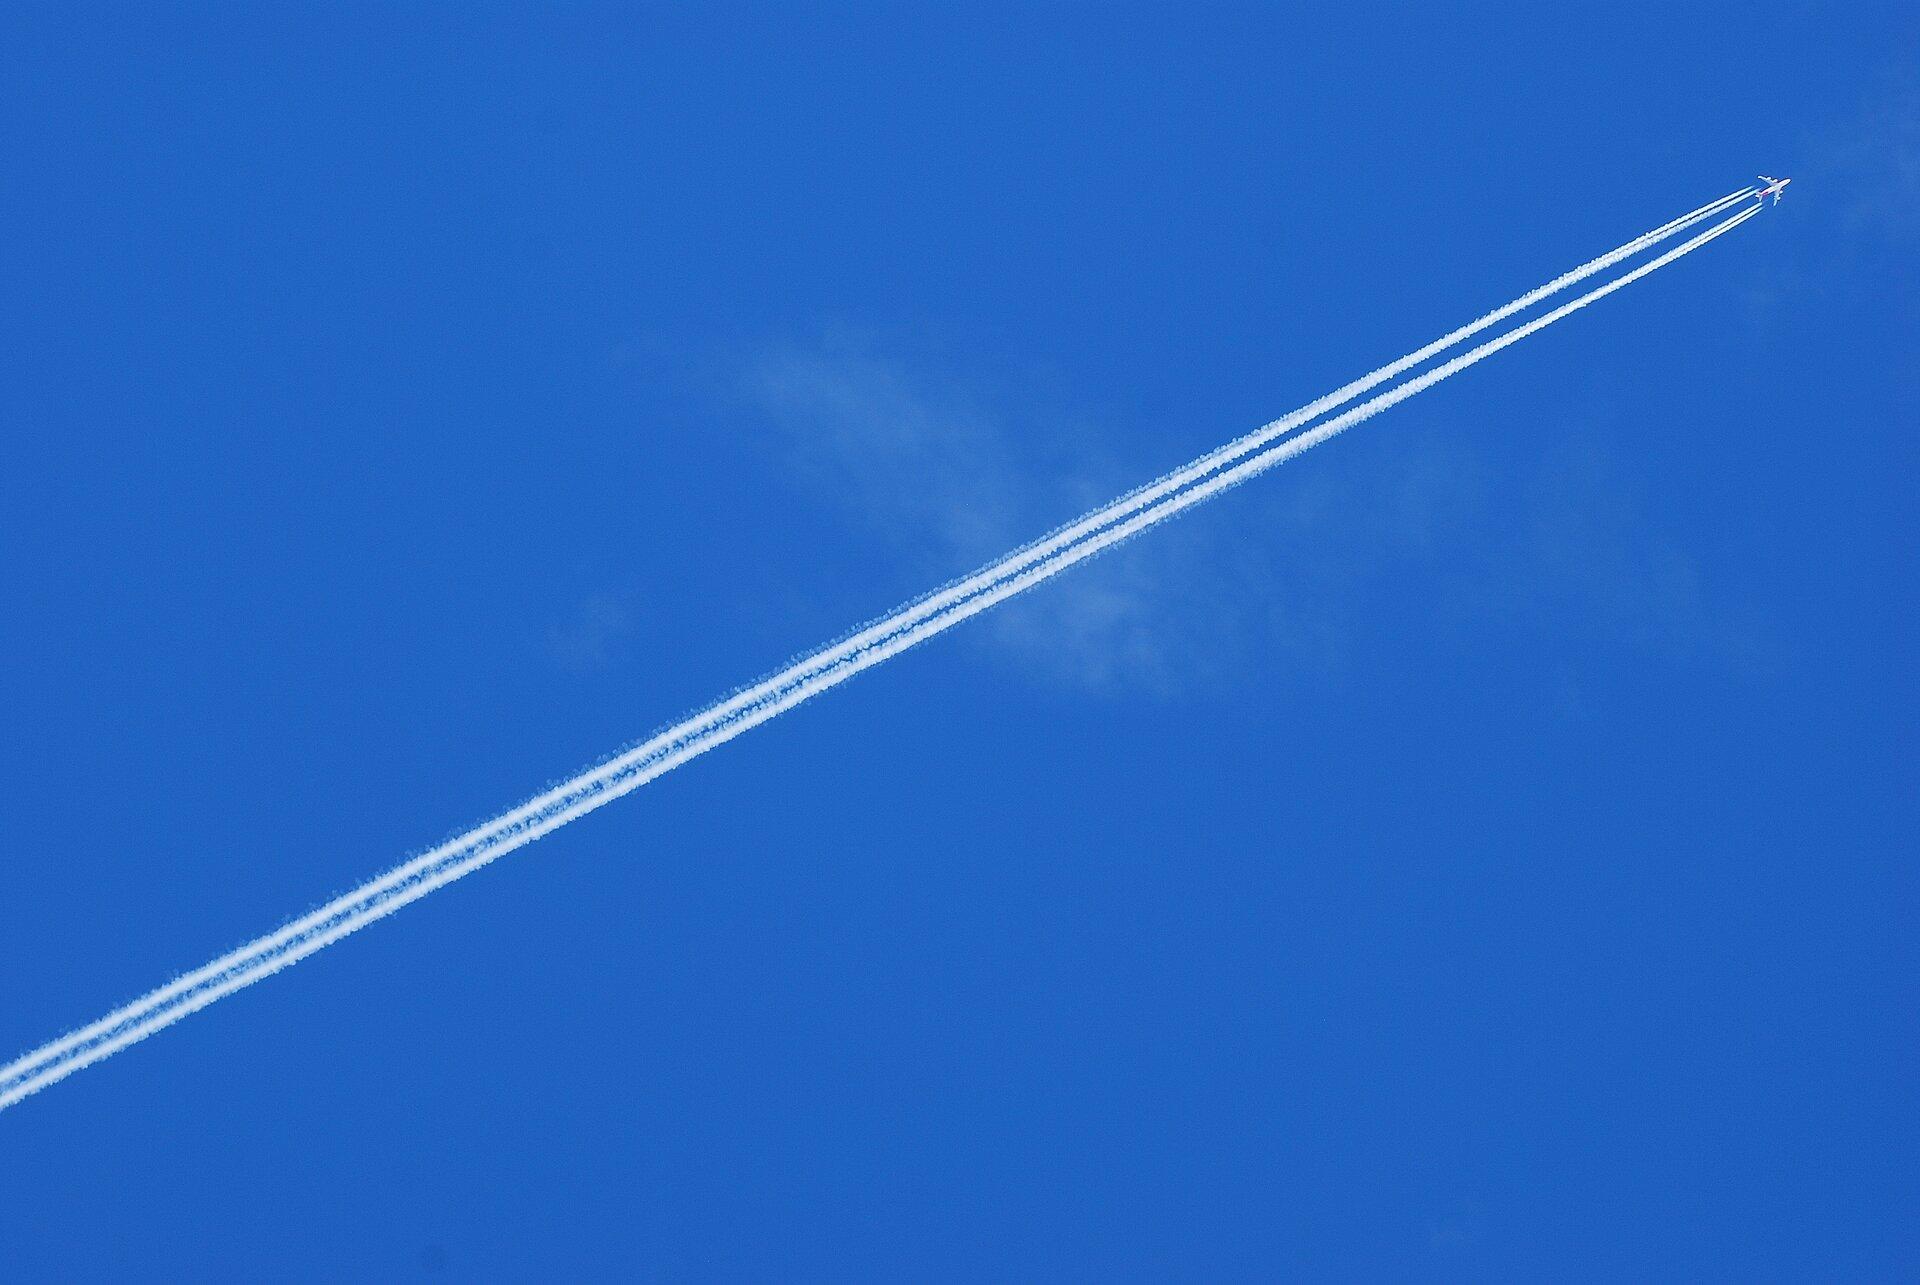 Zdjęcie przedstawia samolot na tle nieba. Niebo intensywnie niebieskie. Samolot widoczny zoddali. Samolot bały, widok od dołu. Za samolotem dwie długie, białe smugi.